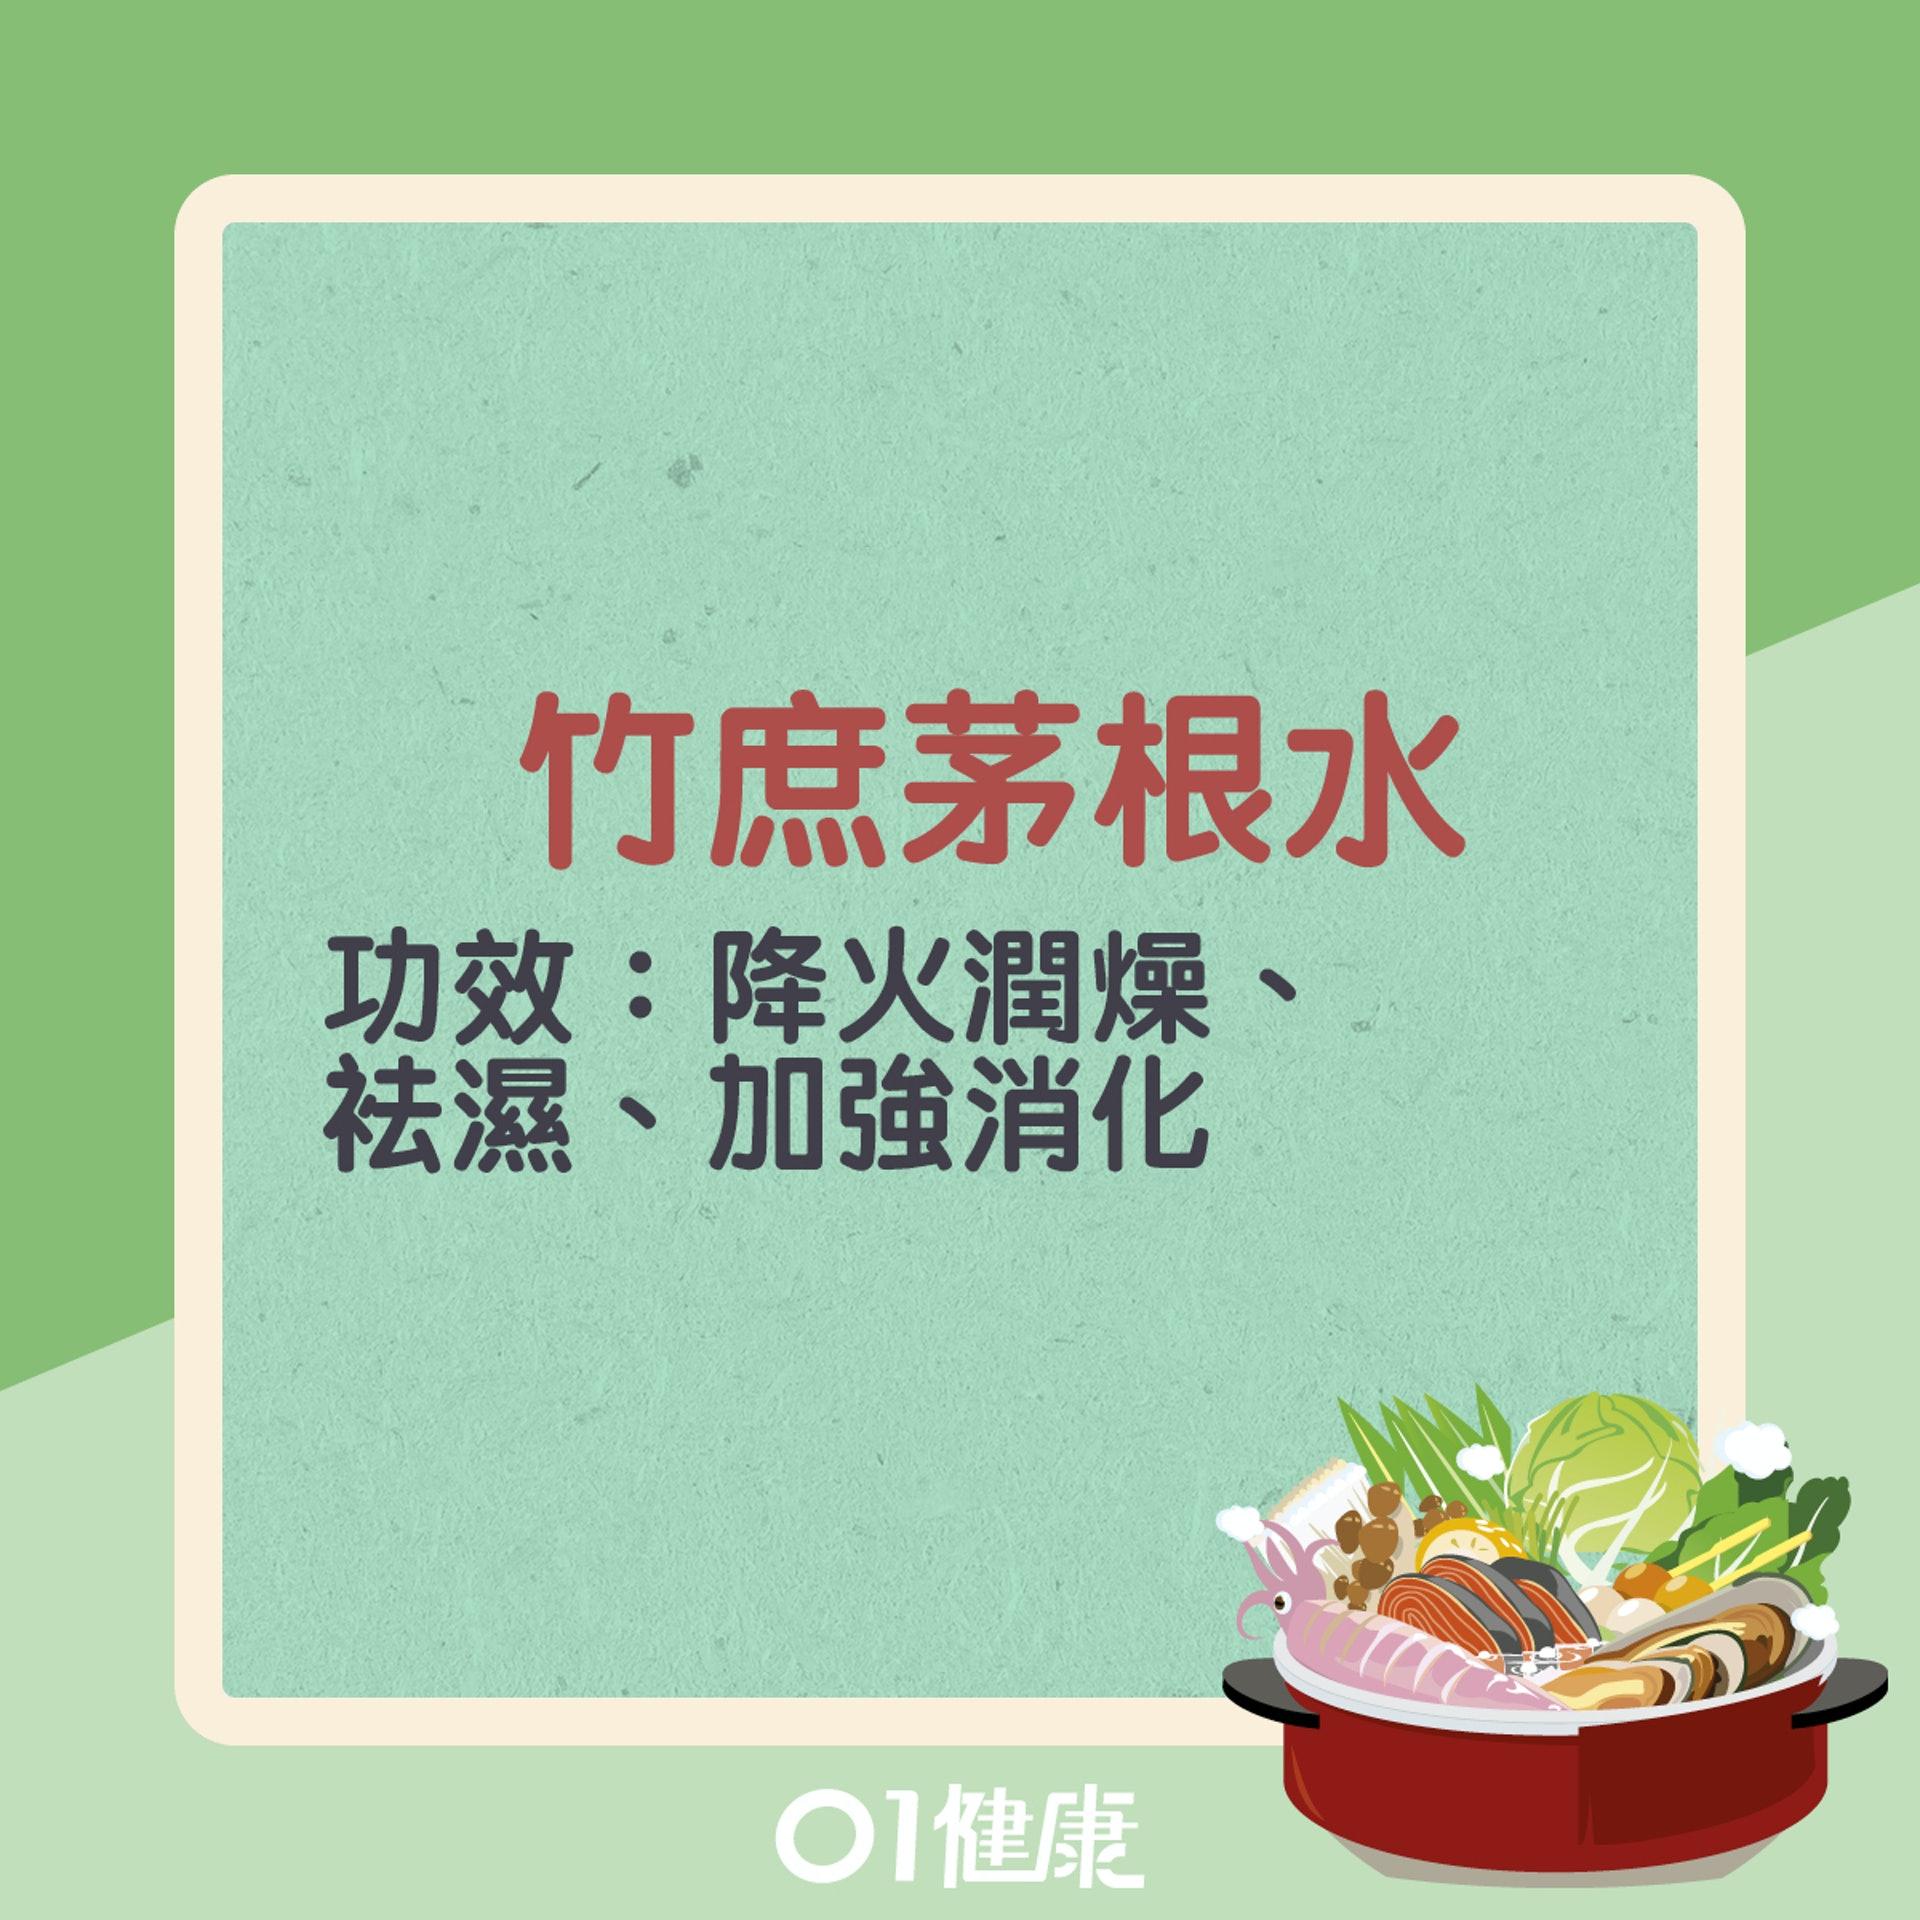 竹庶茅根水(01製圖)